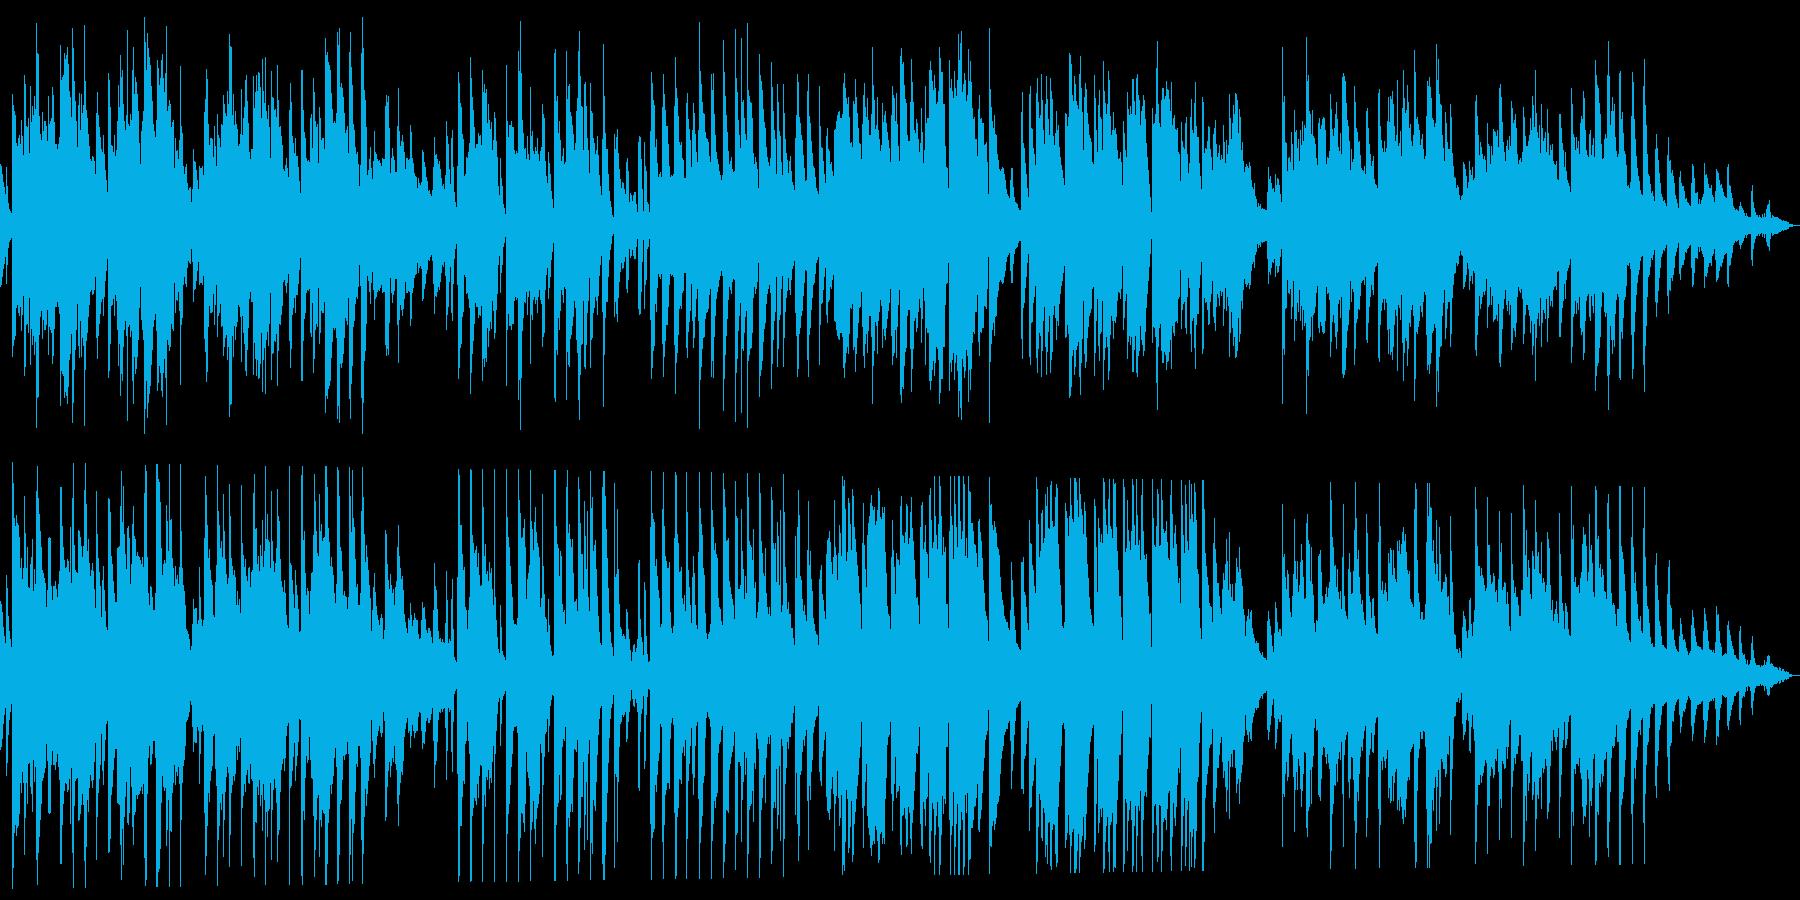 和太鼓 日本の夏 夏祭りの再生済みの波形